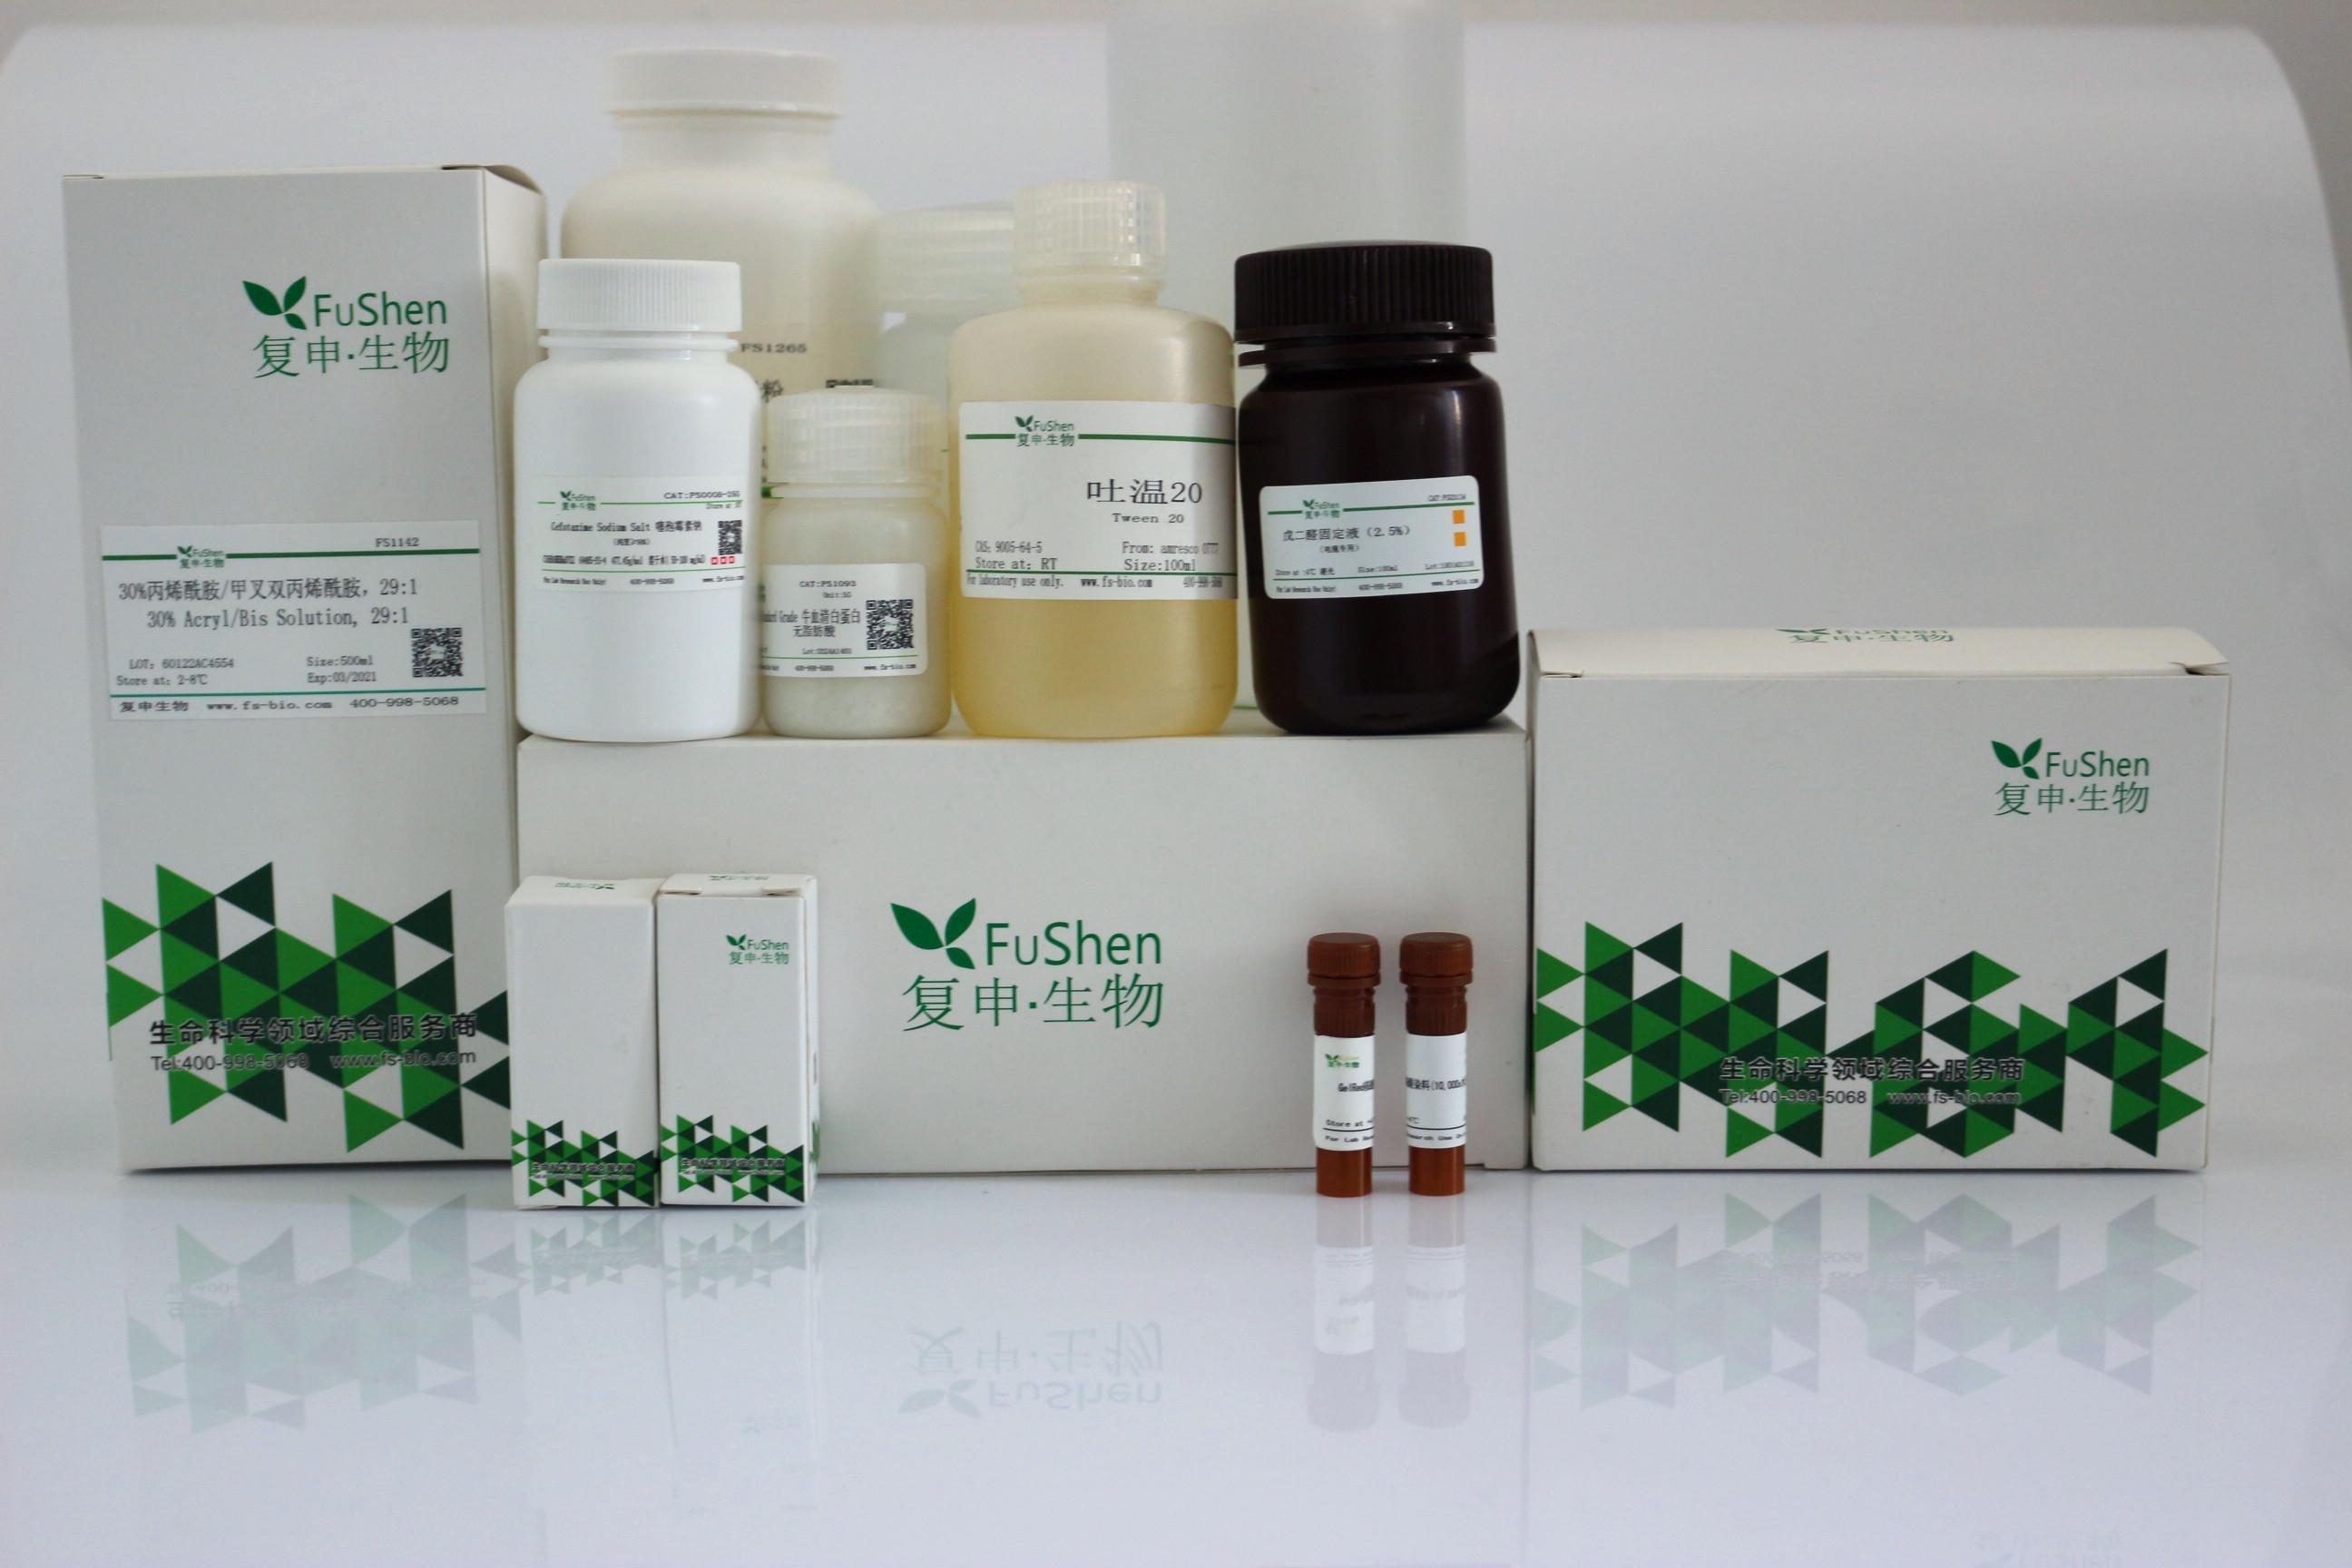 OVA Peptide (257-264) 卵清白蛋白多肽(257-264)